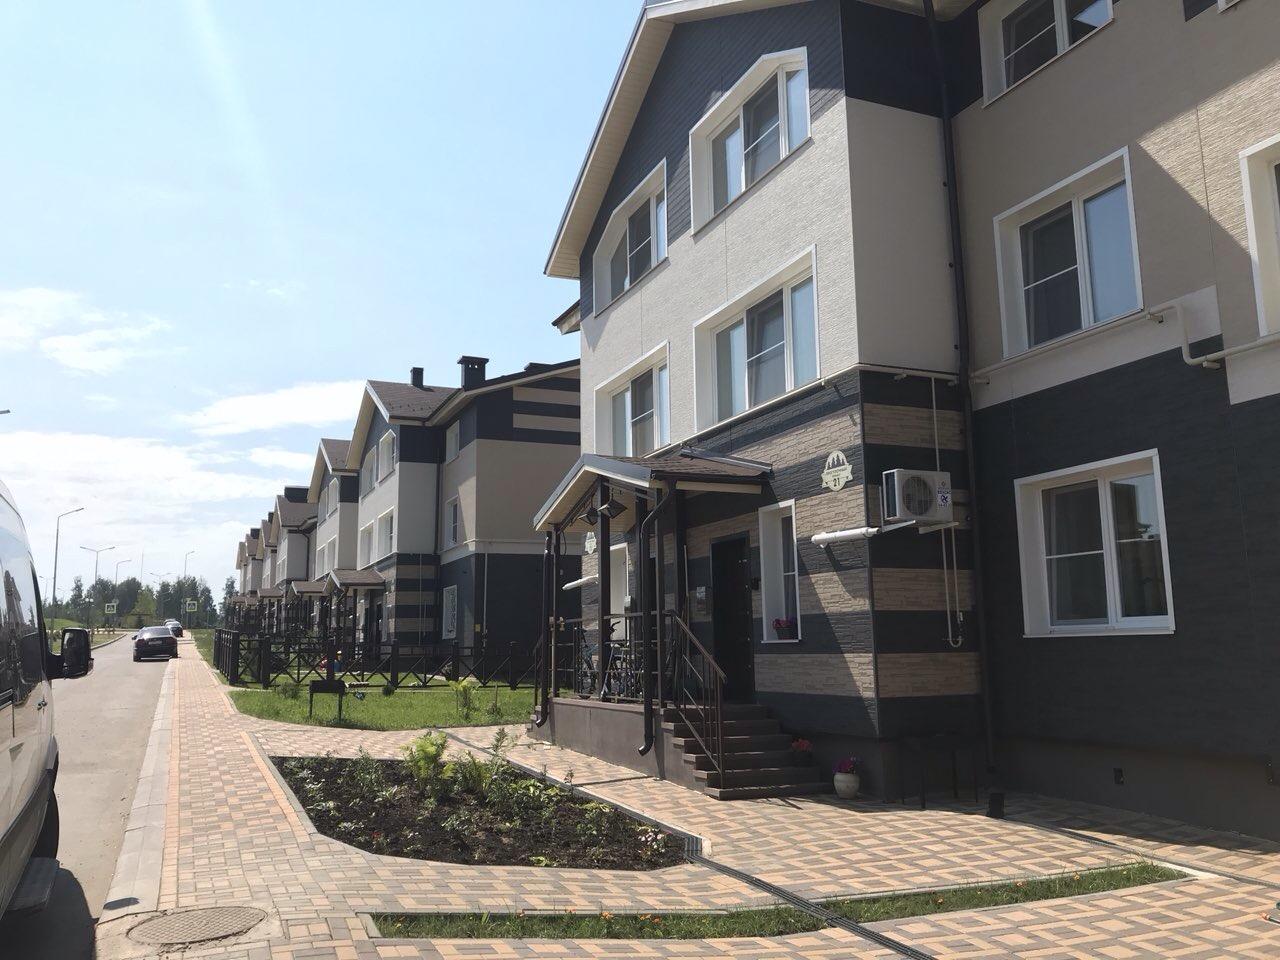 Как выбрать квартиру, чтобы не разочароваться в самой значимой покупке своей жизни?